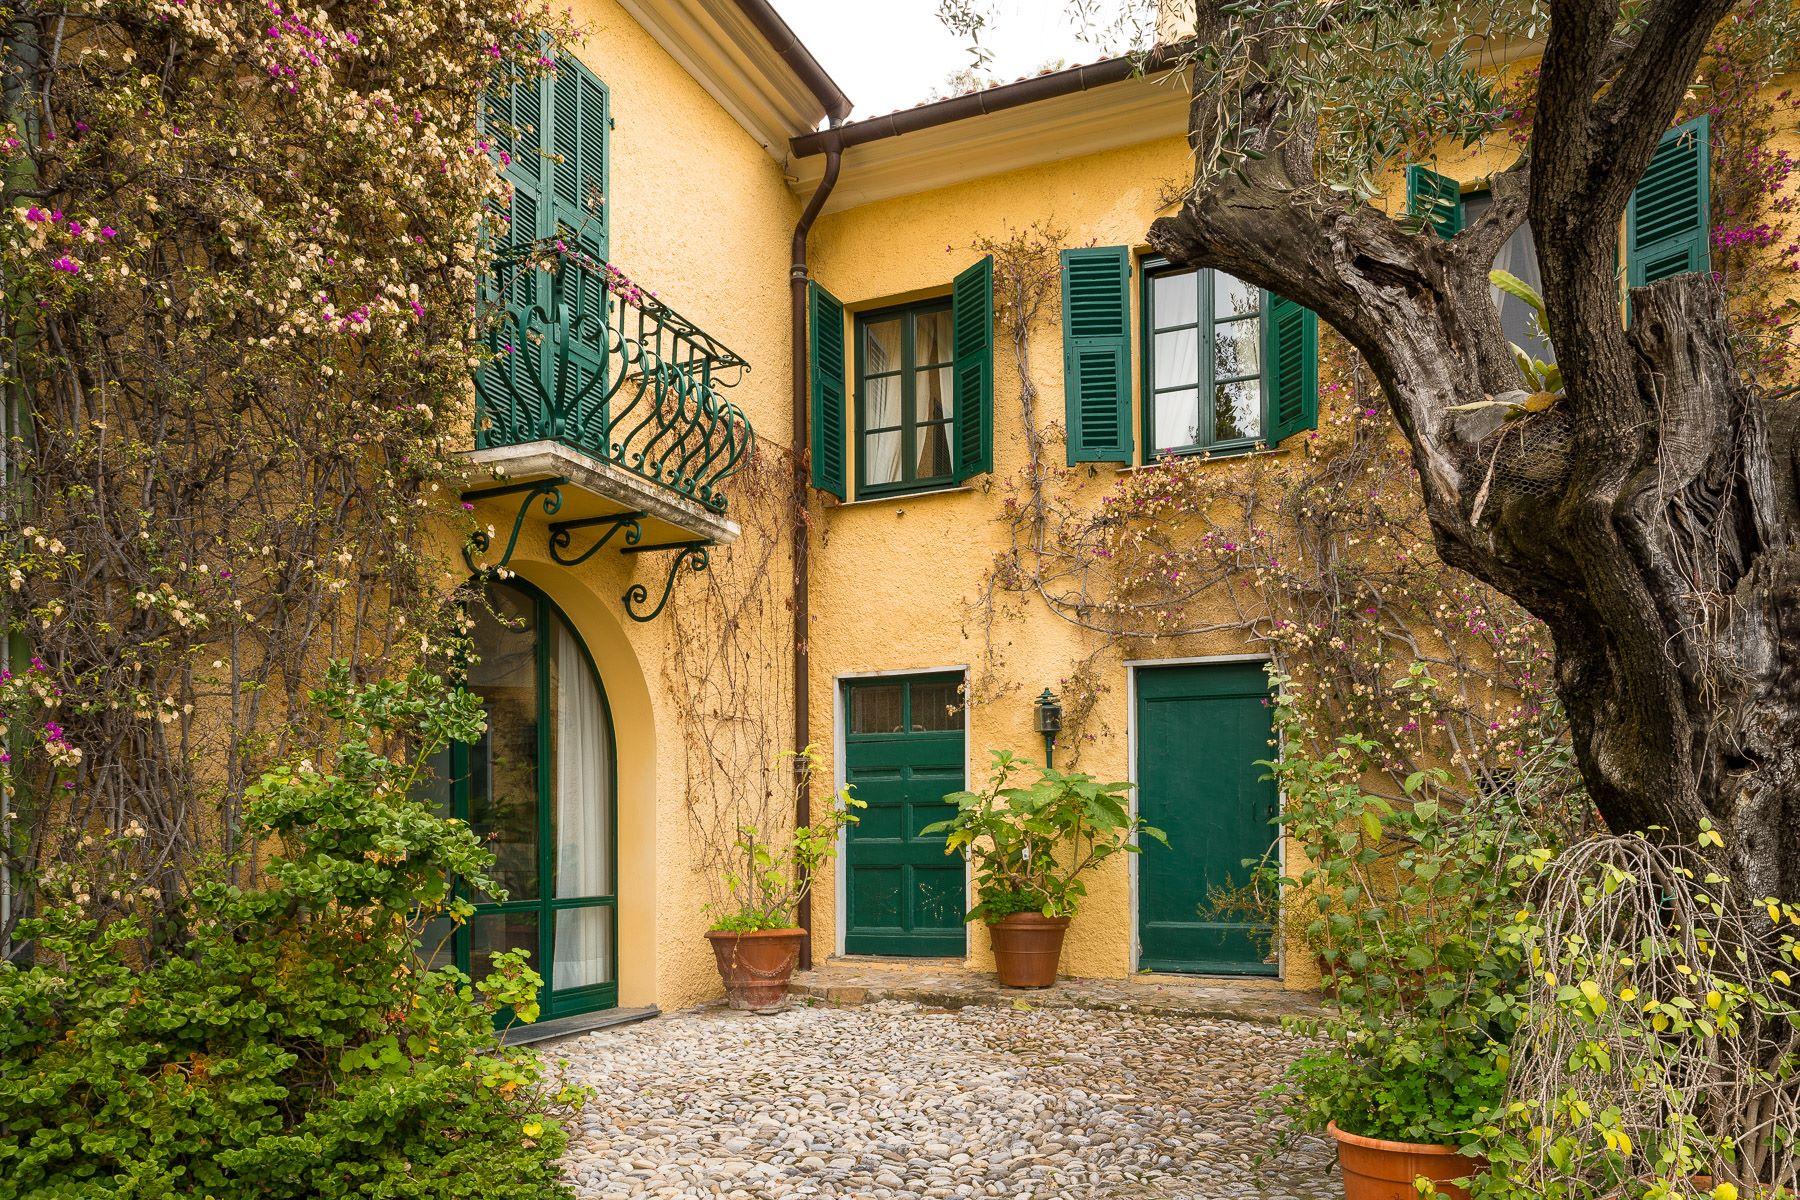 Apartamento por un Venta en Charming apartment with private access to the sea in a historic Villa Corso Arturo Toscanini Ventimiglia, Imperia 18039 Italia